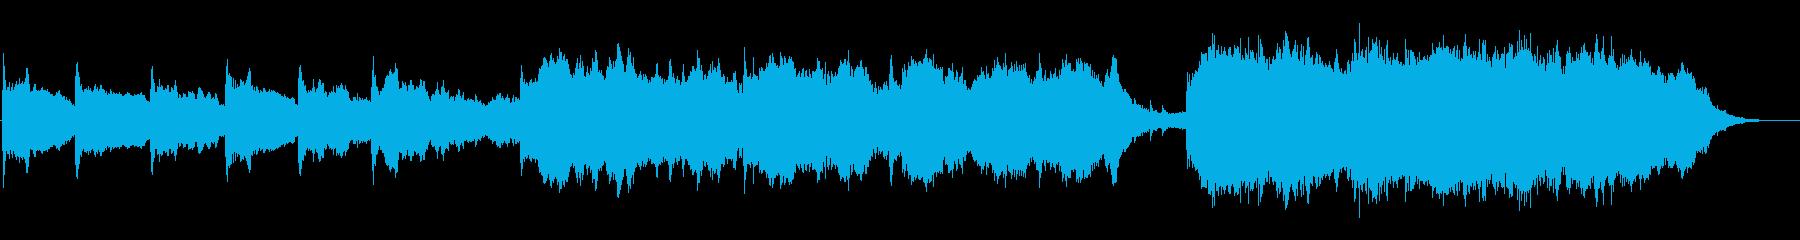 パポ・イ・ヨーのサウンドトラックか...の再生済みの波形